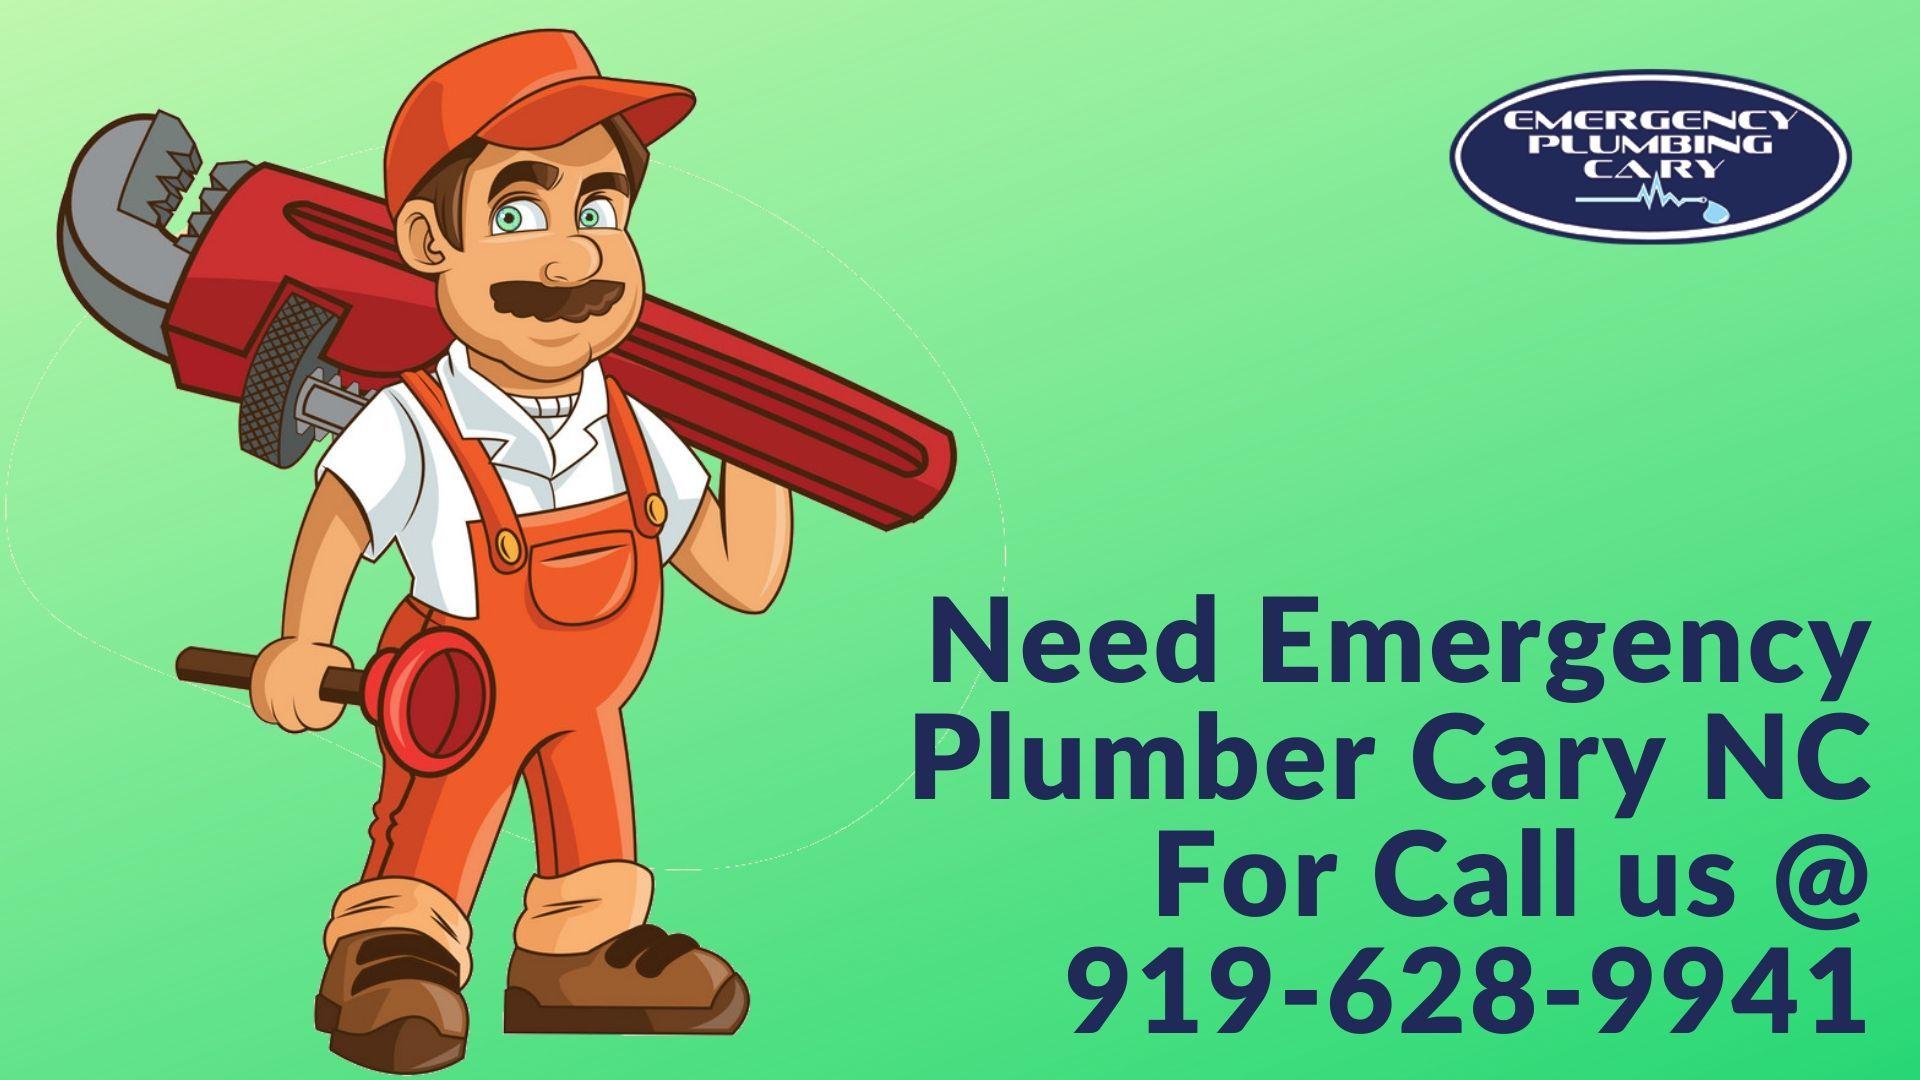 Emergency Plumbing Cary has a certified plumbers team in